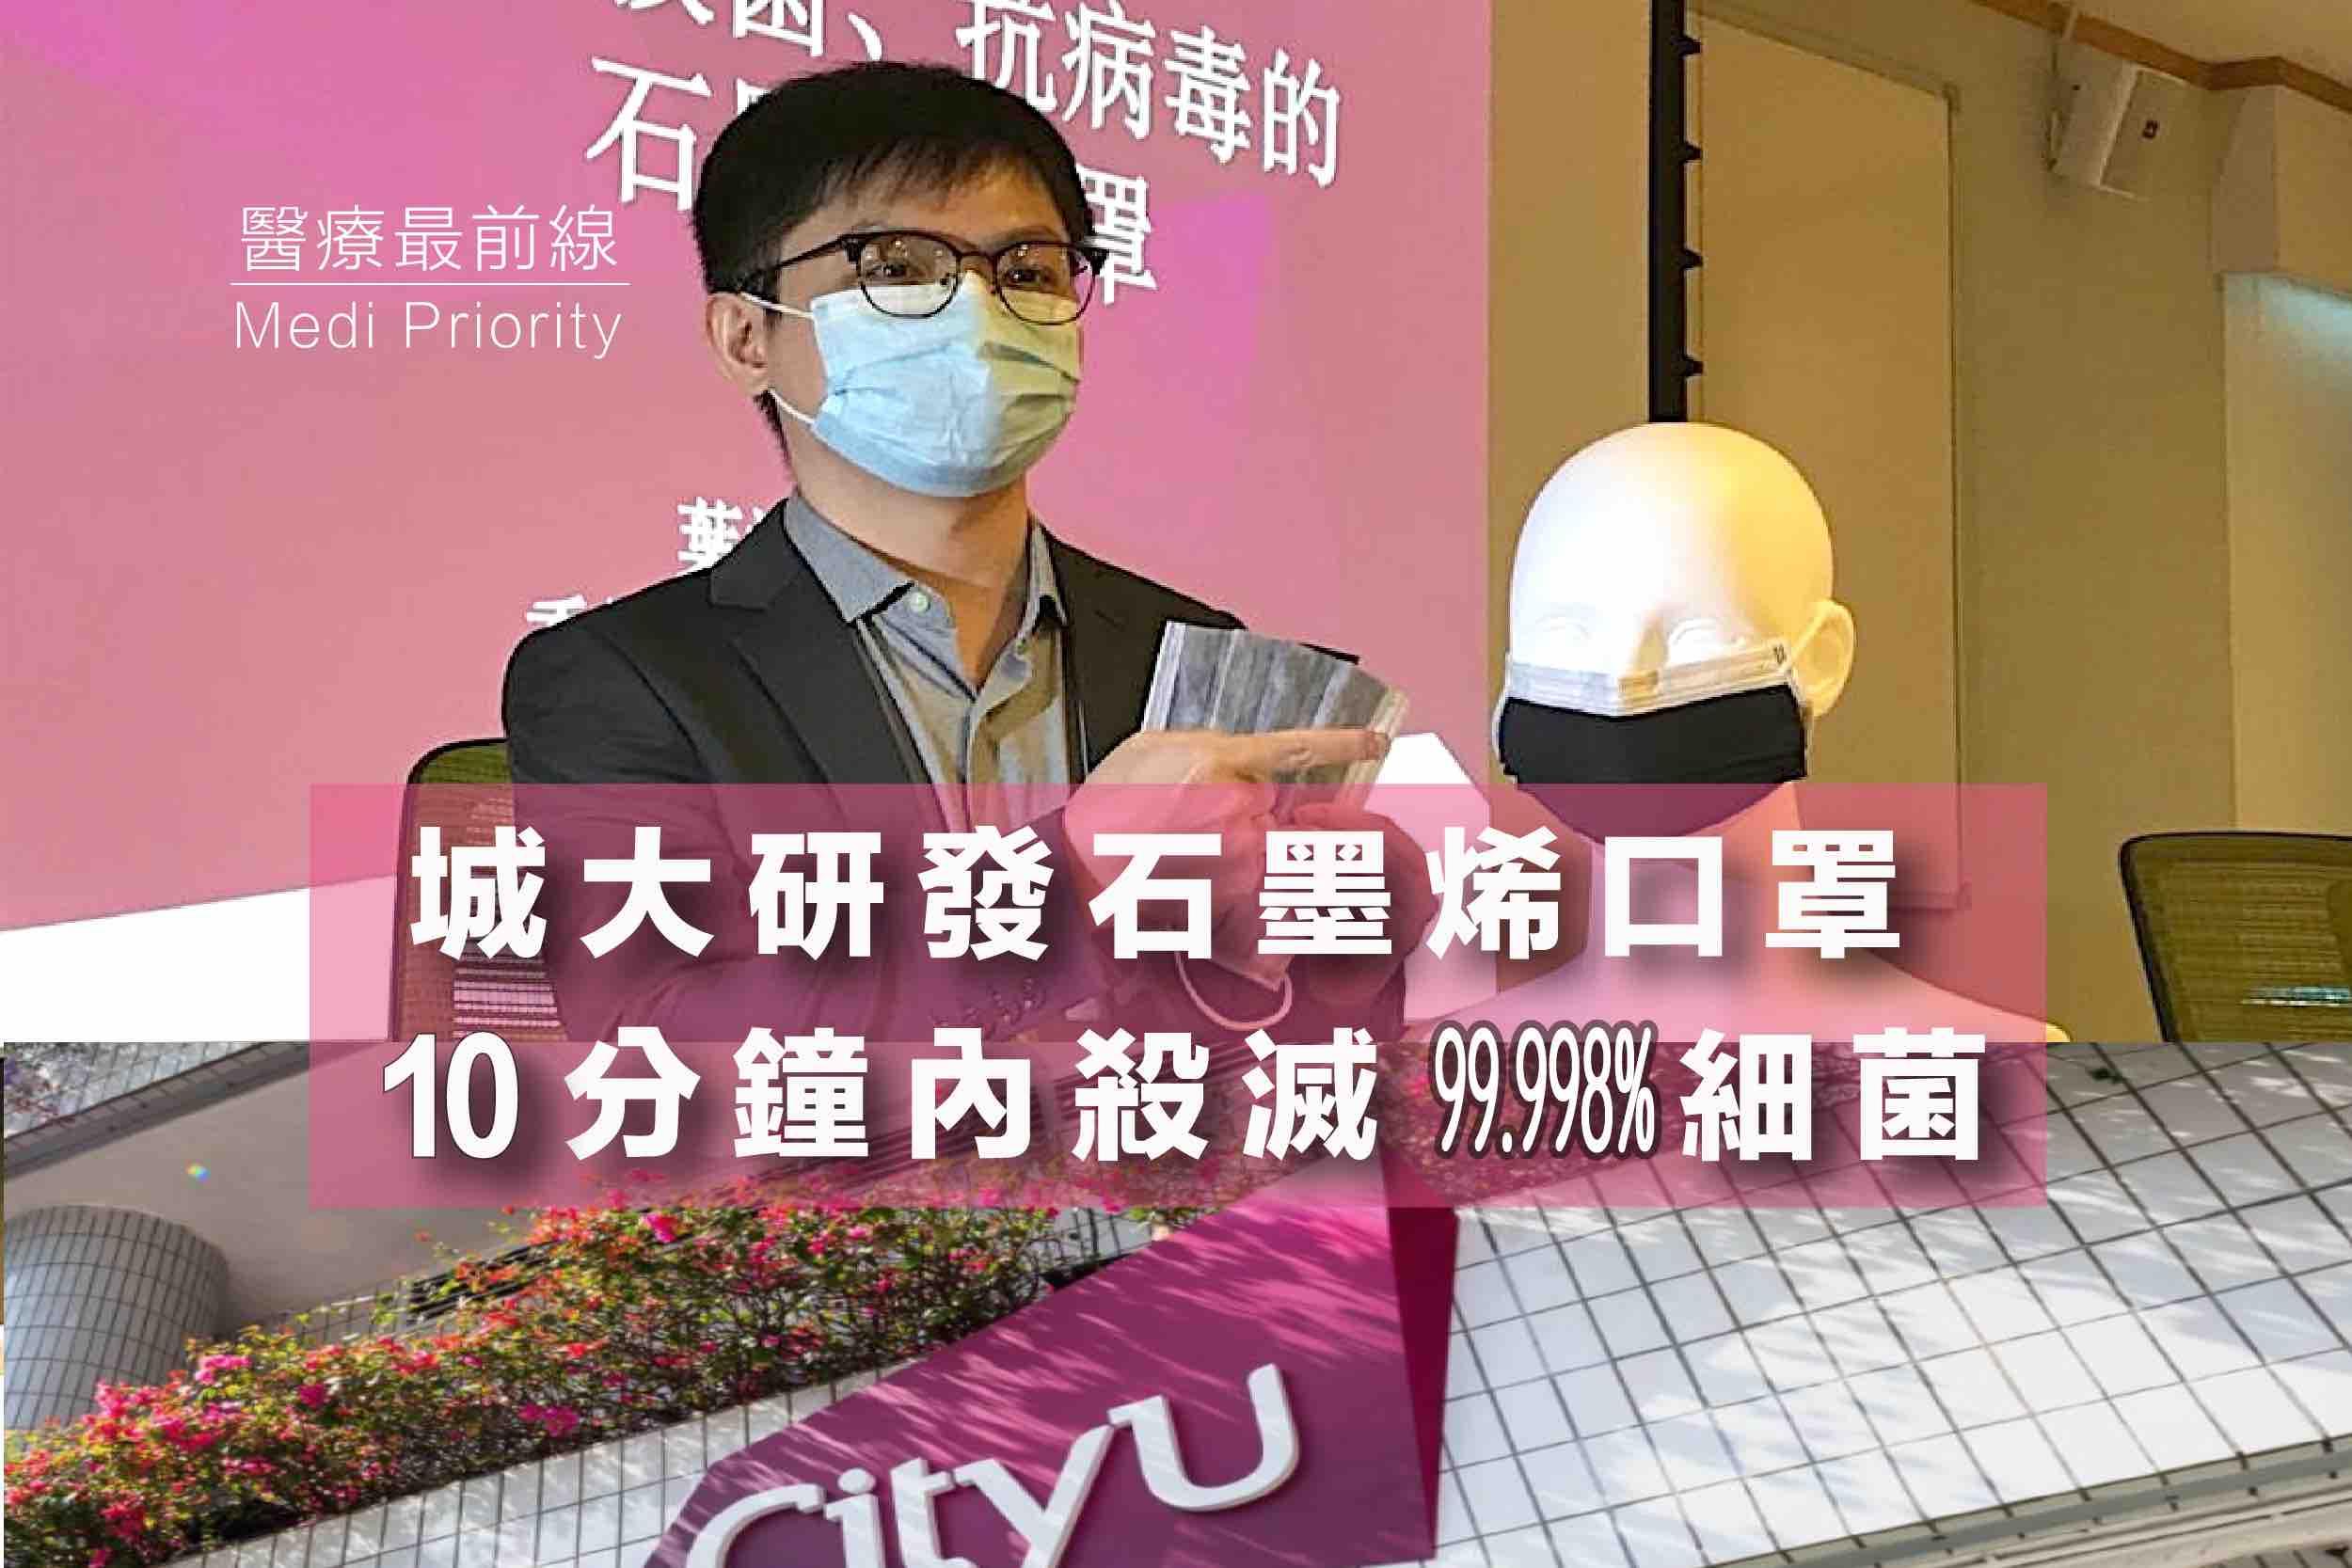 城市研發石墨烯口罩 10分鐘內殺滅99.998%細菌